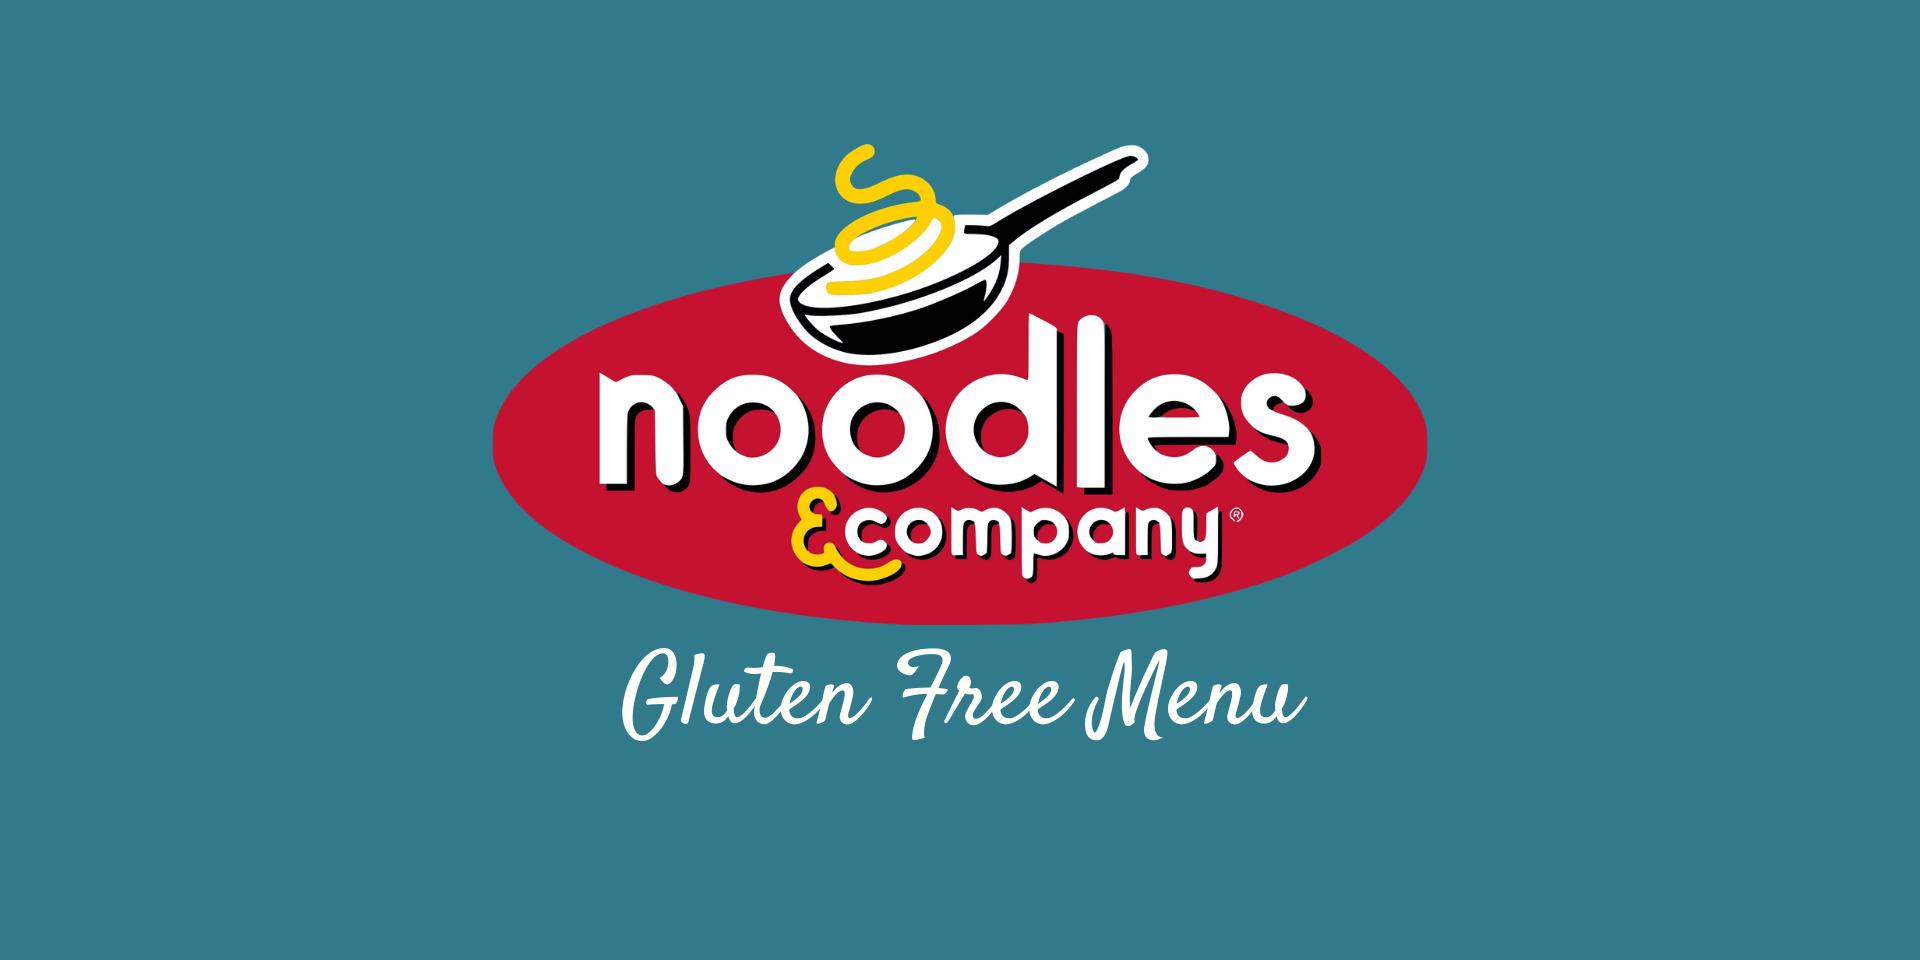 noodles  company gluten free menu in 2020  gluten free